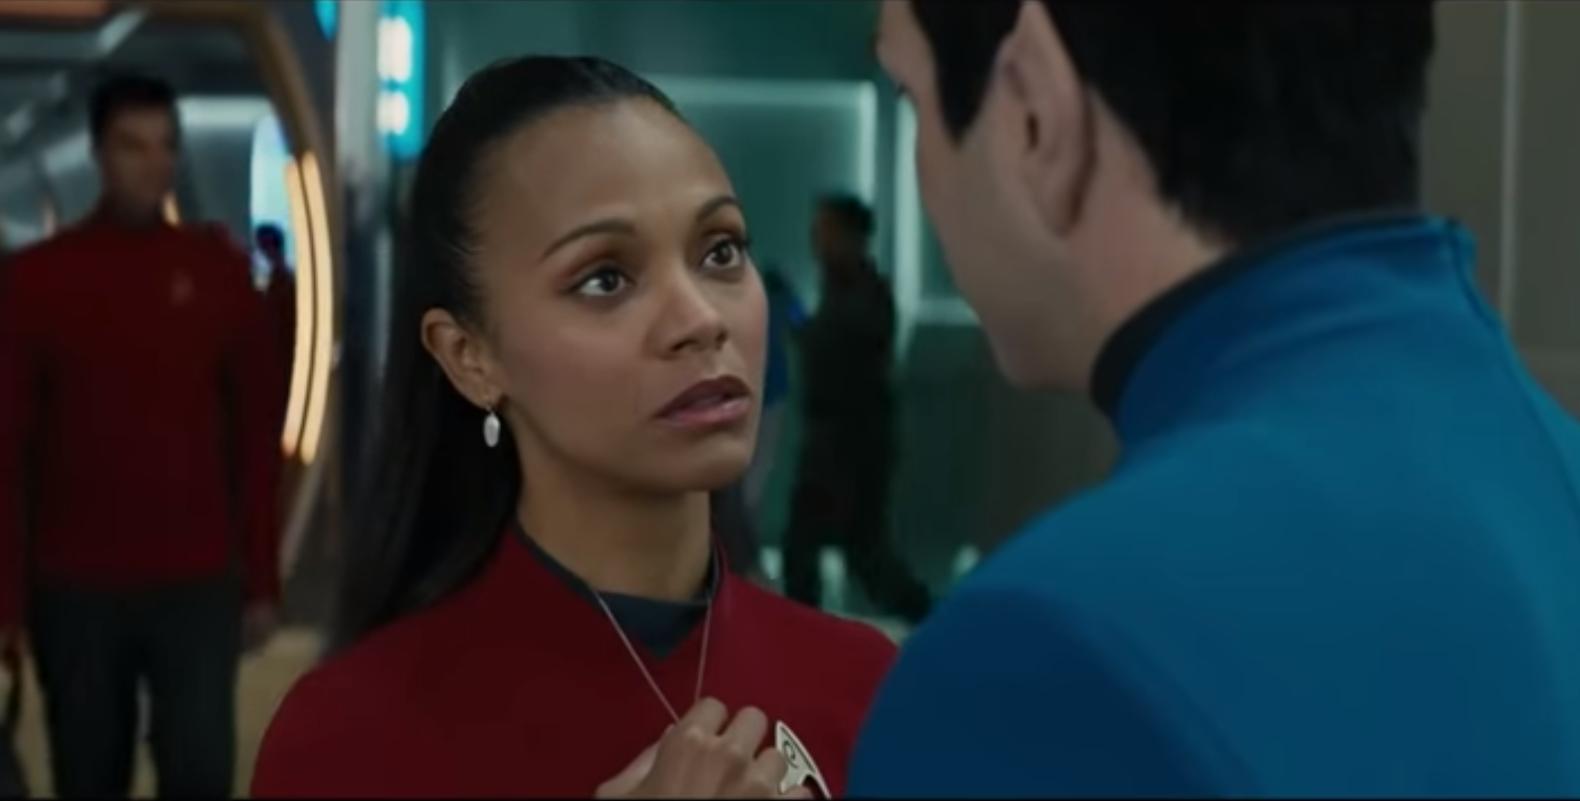 WATCH: 'New Star Trek Beyond' Clip & Character Spotlights